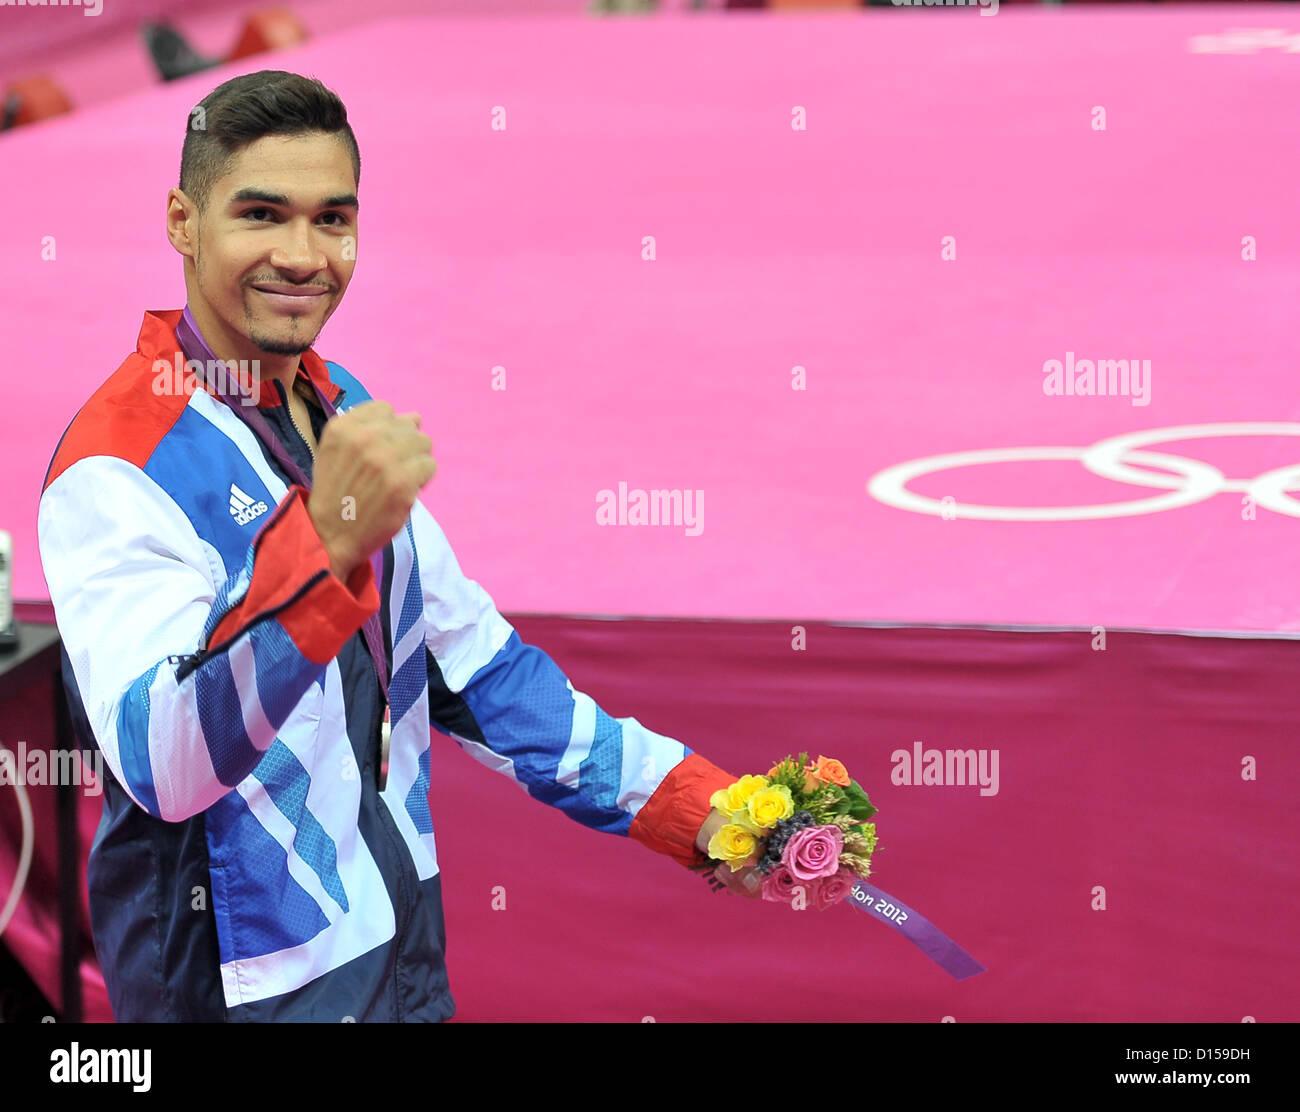 Louis Smith (GBR, Grande-Bretagne) les poinçons l'air après avoir obtenu sa médaille d'argent. Photo Stock